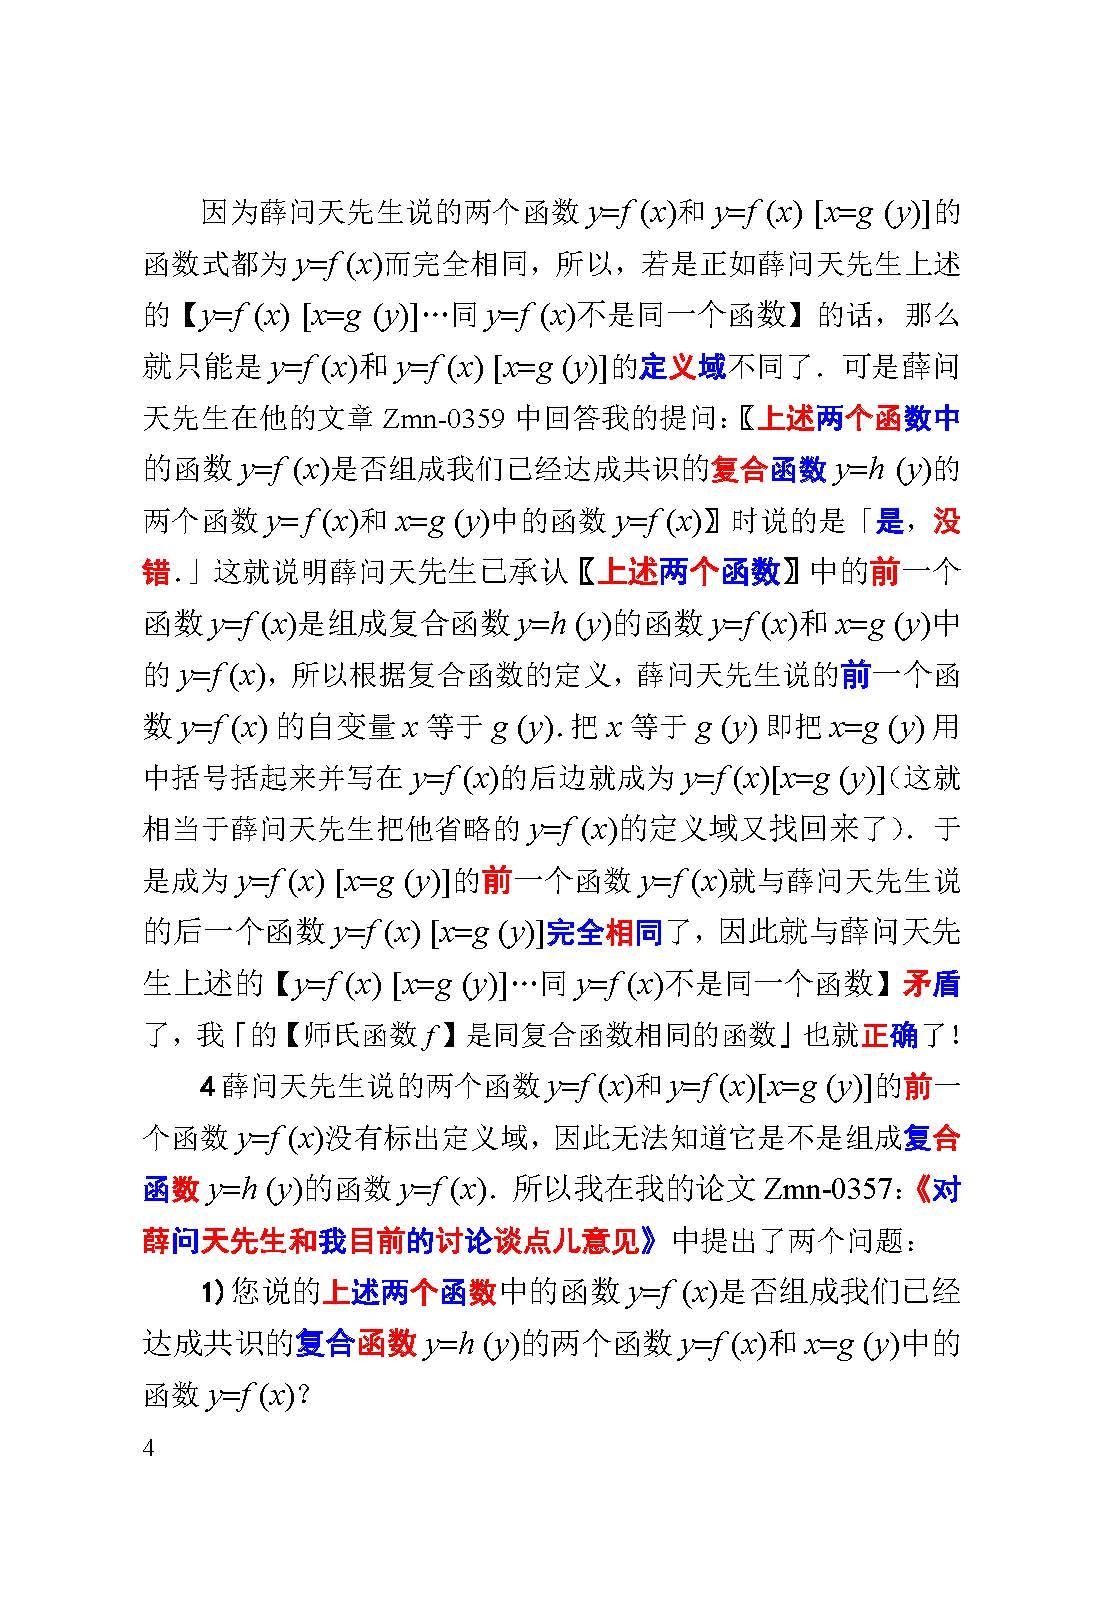 评薛问天先生的文章0366_页面_04.jpg